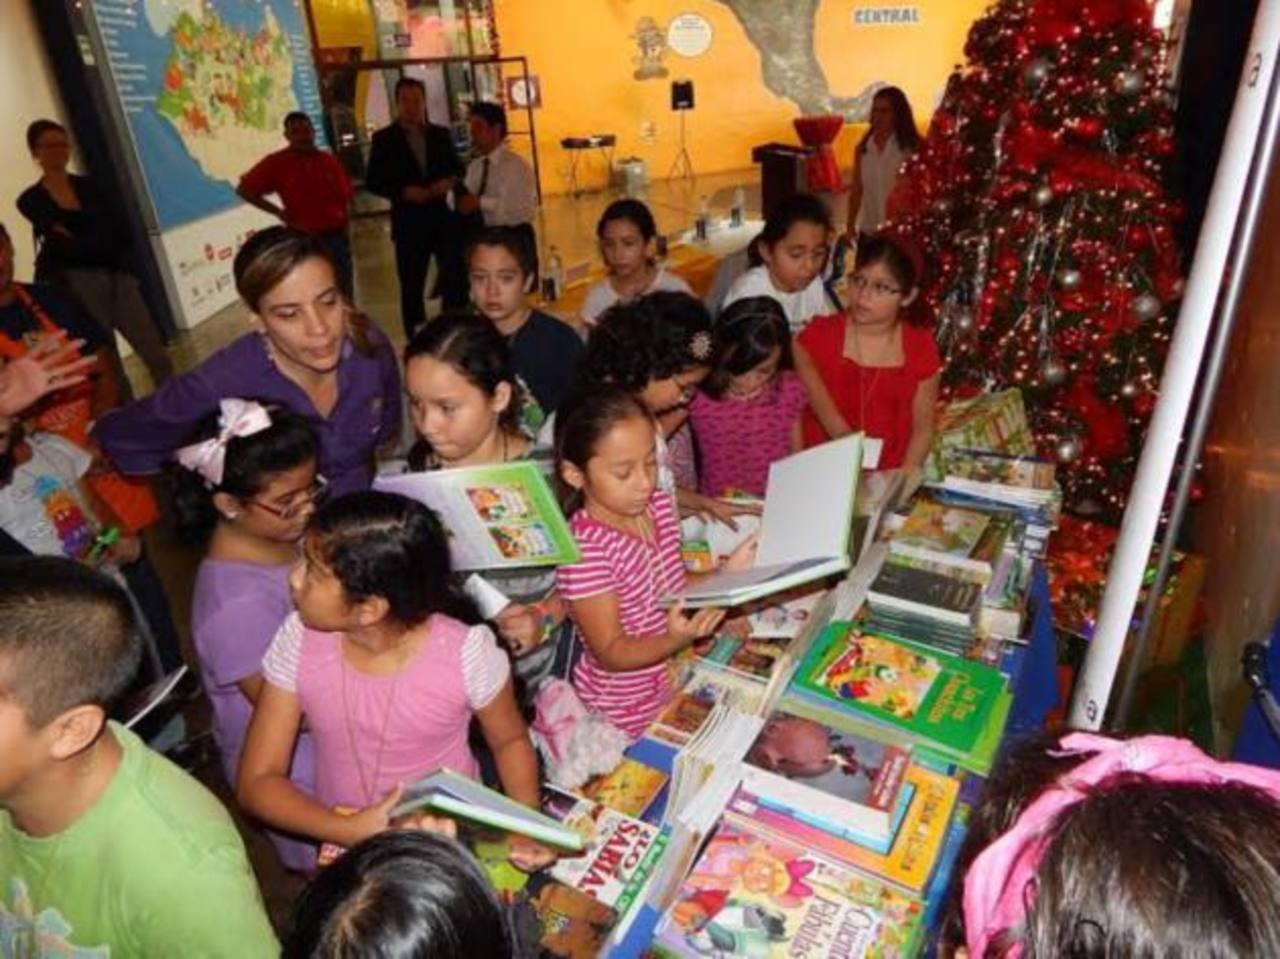 Con la lectura el museo busca estimular la imaginación de los infantes y reforzar sus conocimientos. Fotos /Cortesía